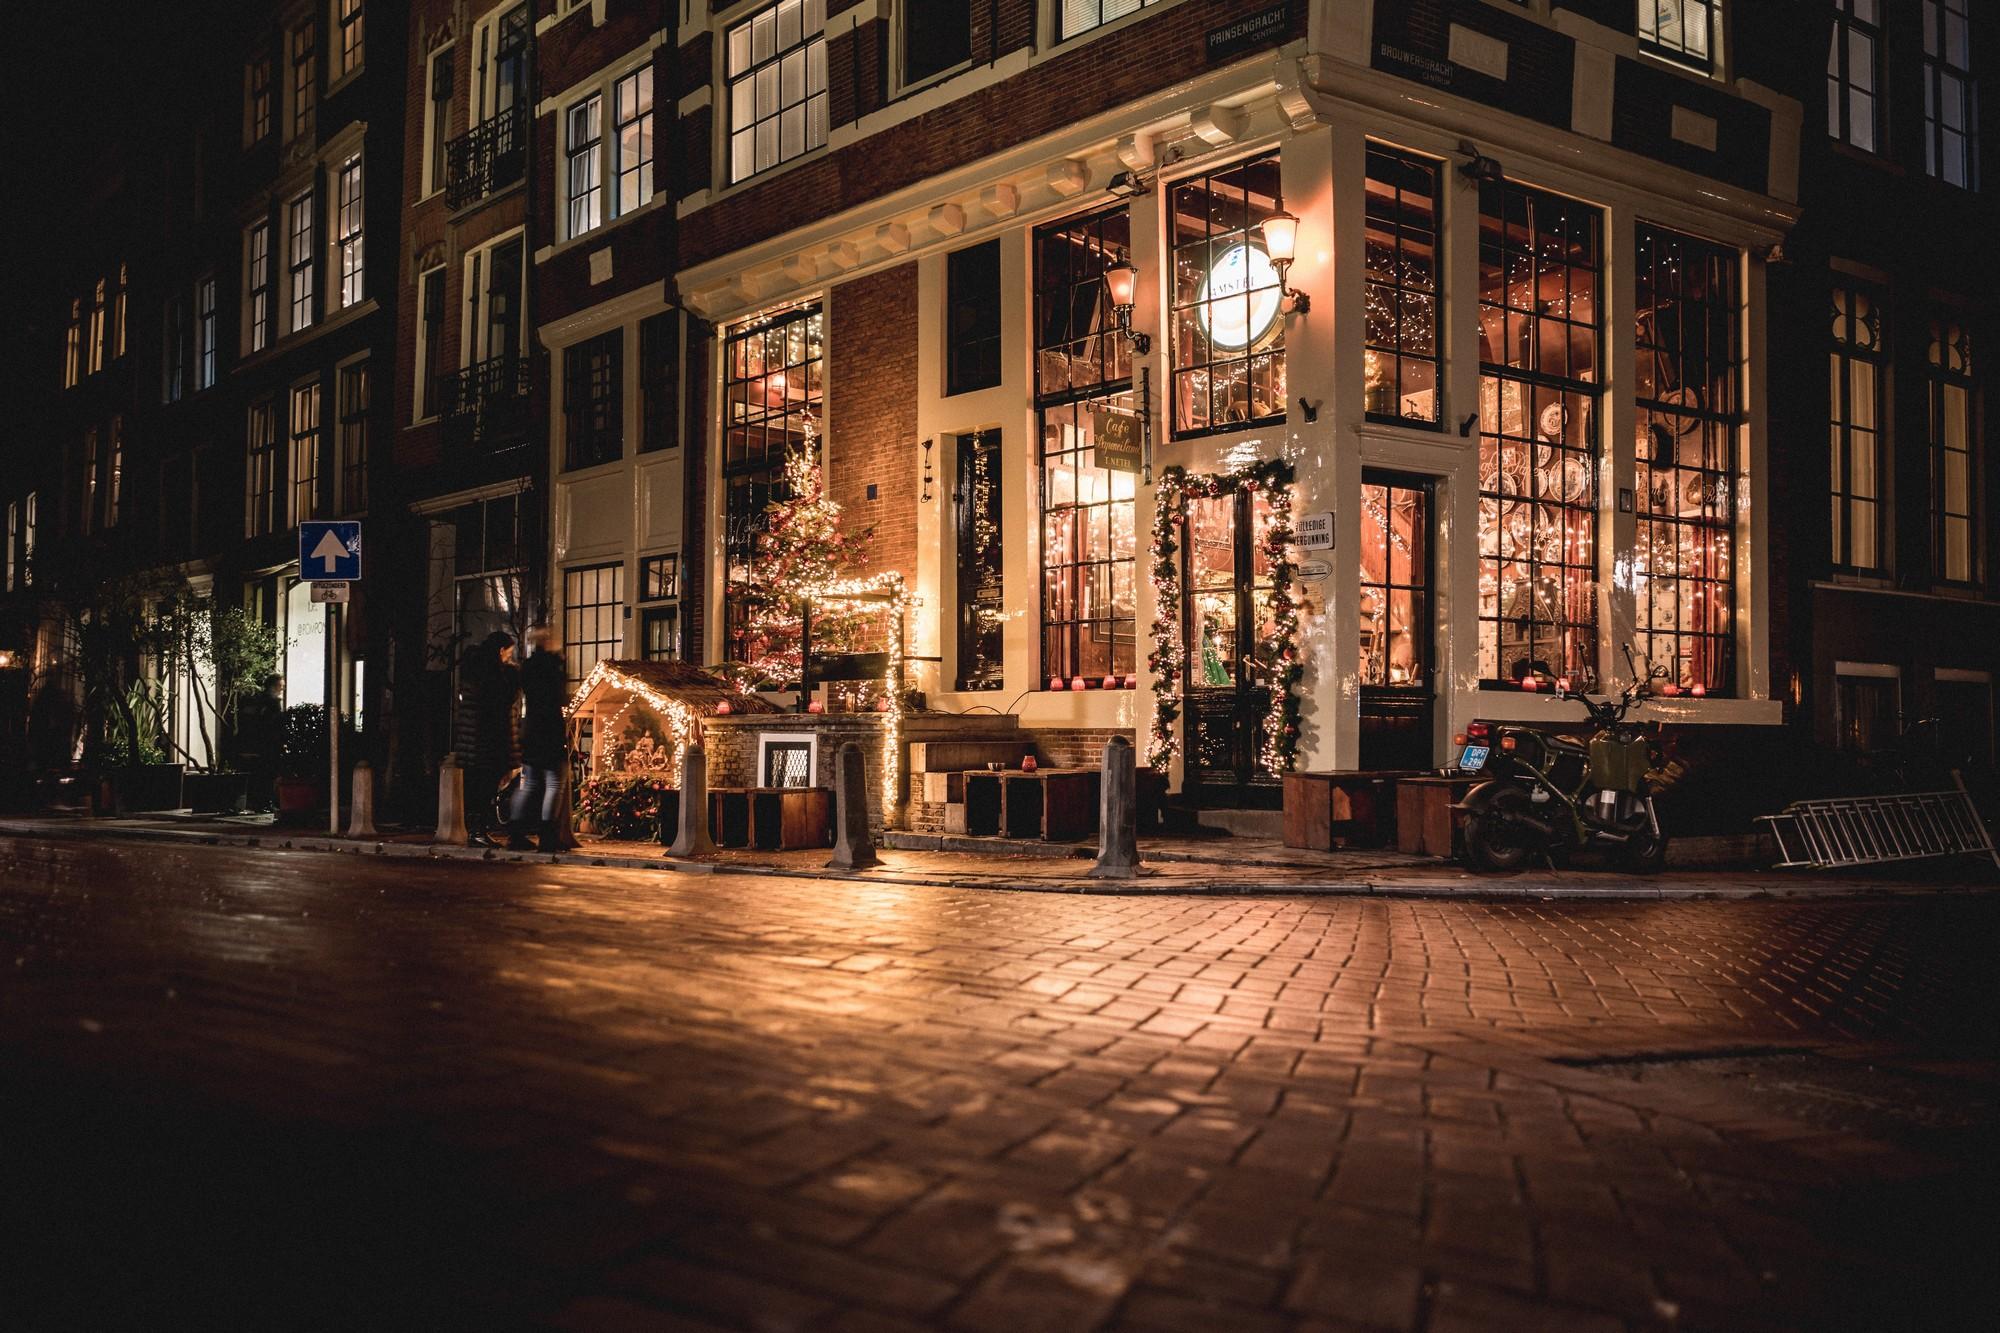 Amsterdam quando andare: Natale ad Amsterdam - Foto Patrick Schneider